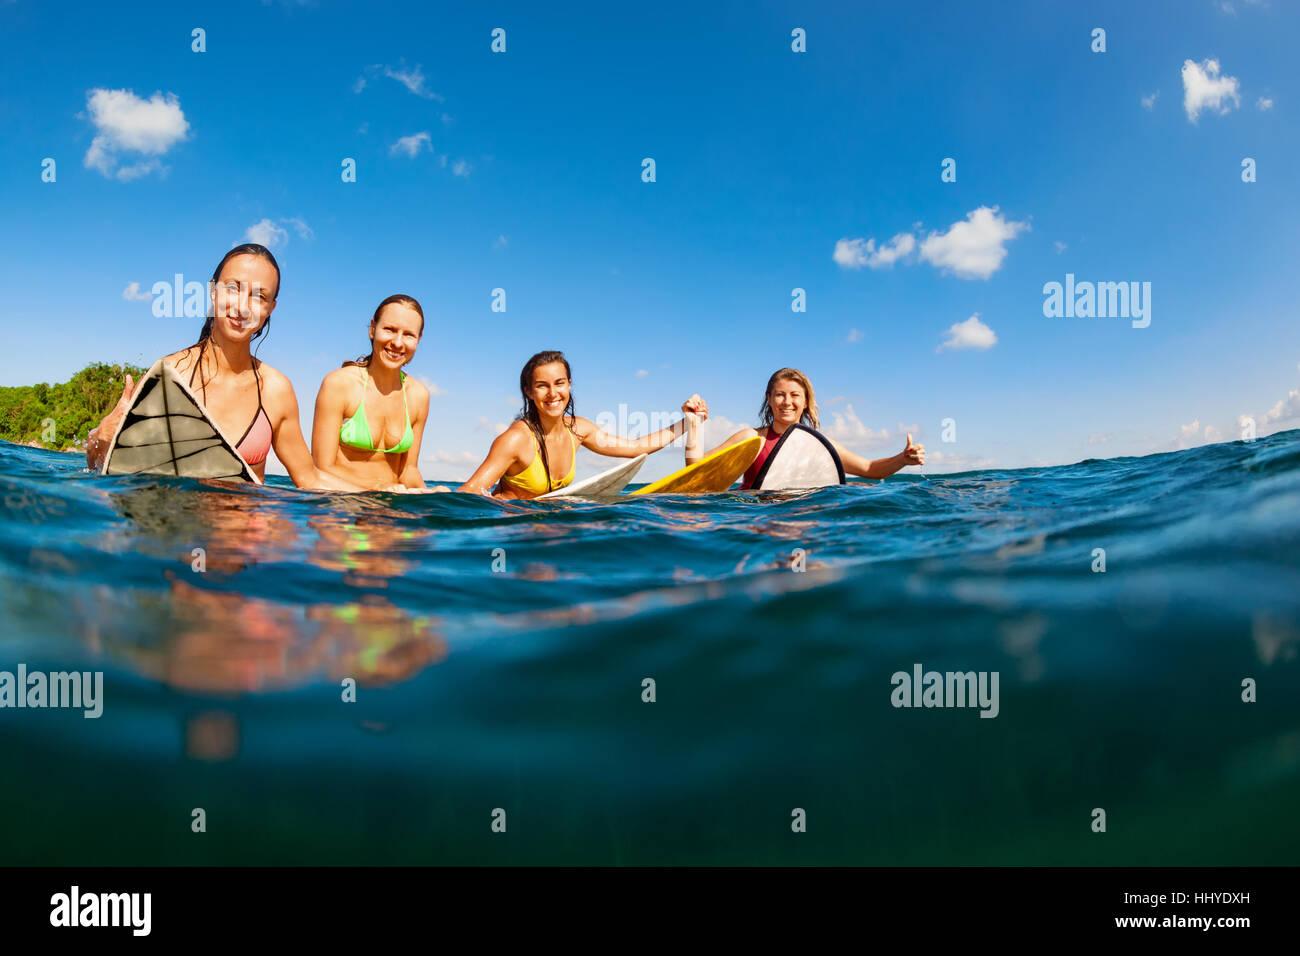 Ragazze in bikini - gruppo di surfisti sulla tavola da surf, donne attendere onde oceaniche di persone in acqua Immagini Stock